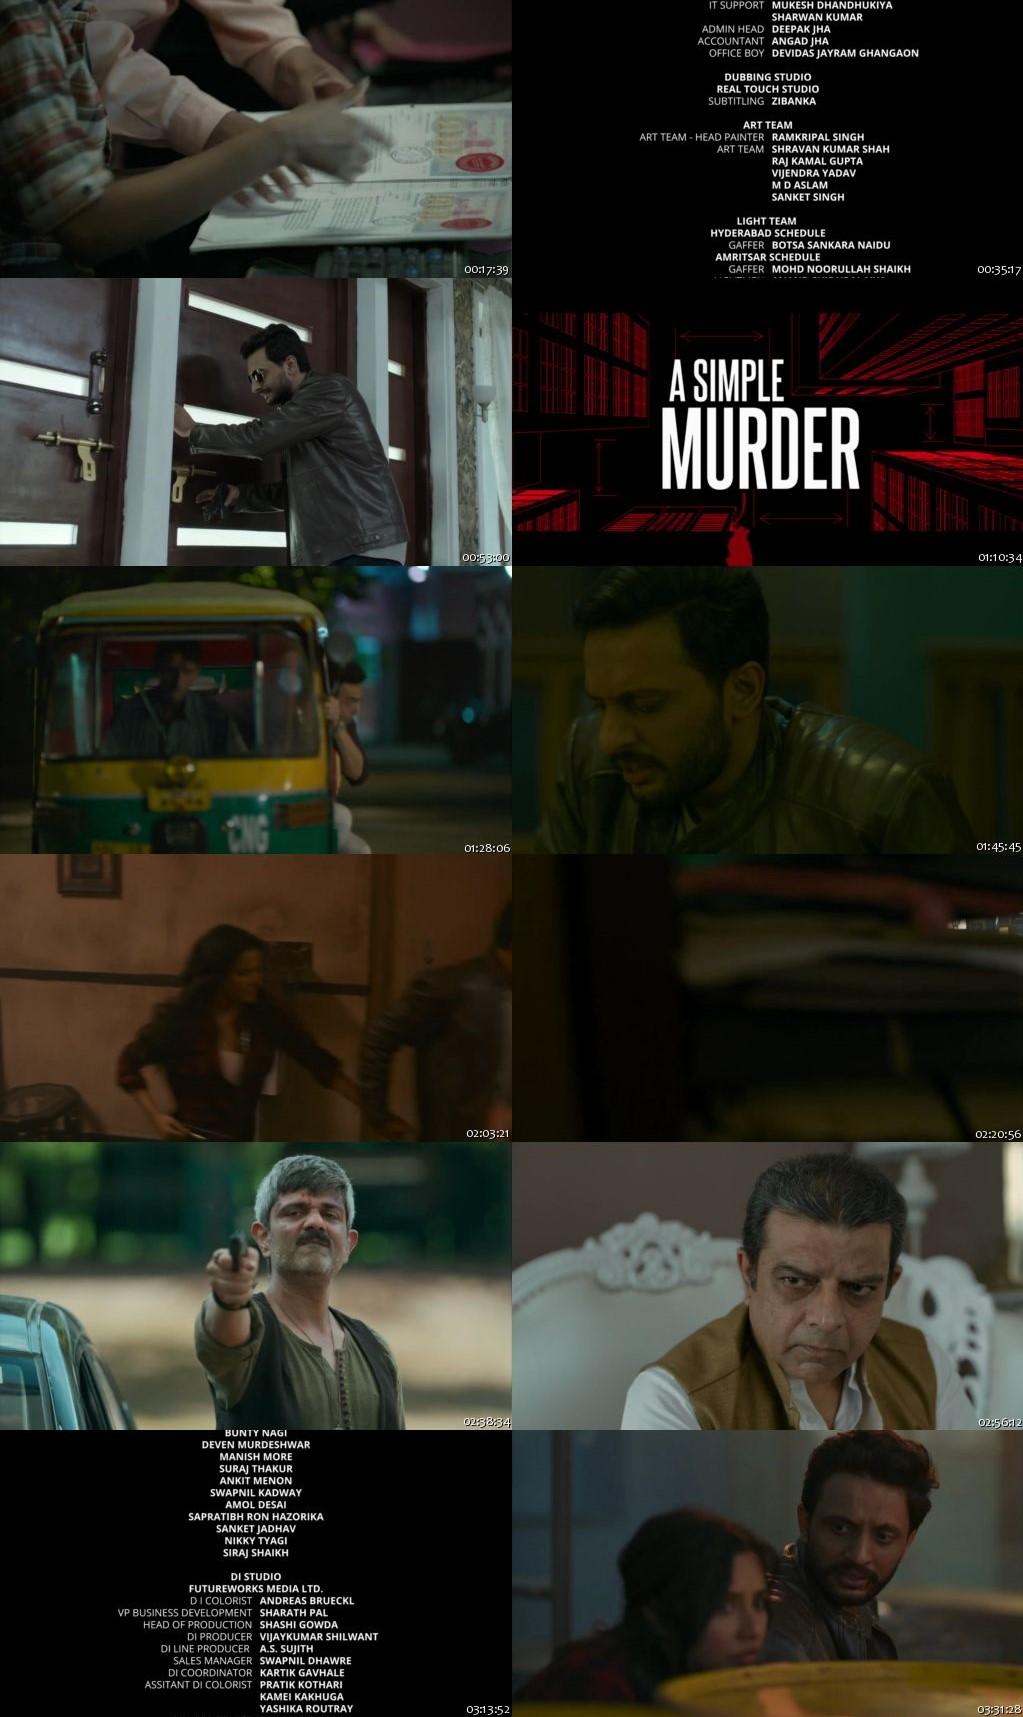 A Simple Murder 2020 All Episodes HDRip 720p [Season 1]